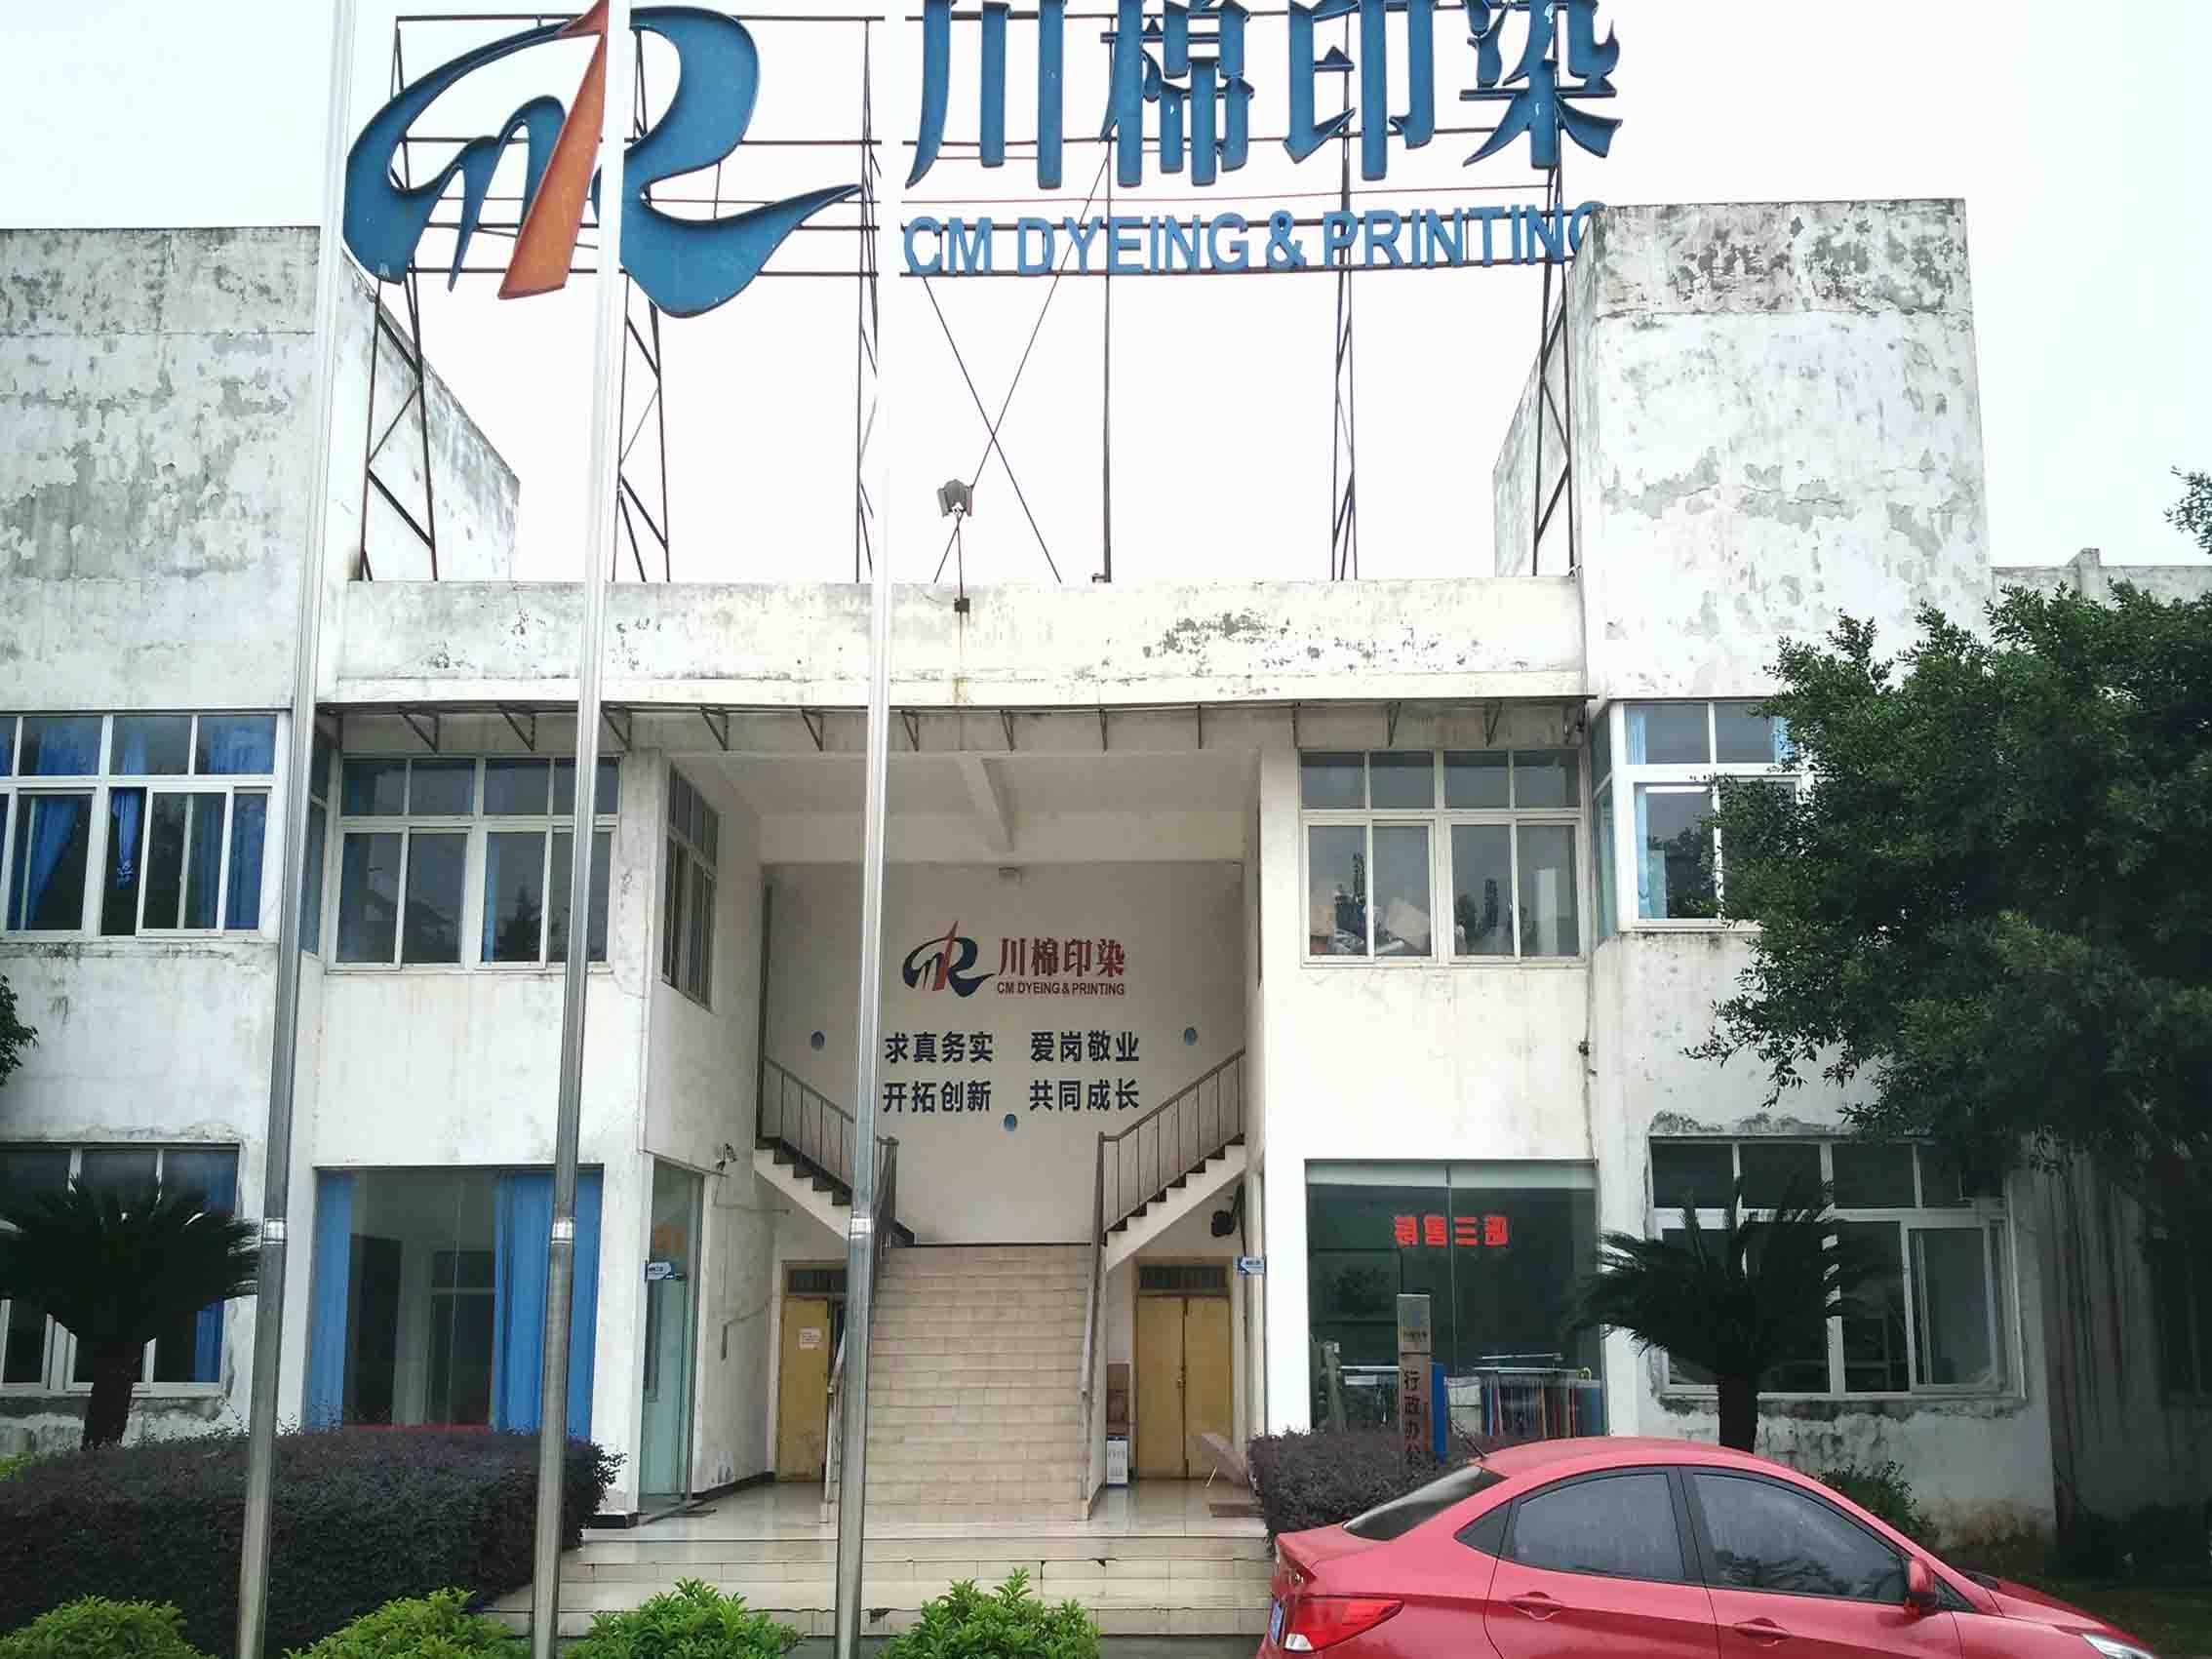 四川川棉印染有限公司导热油炉清洗案例分享